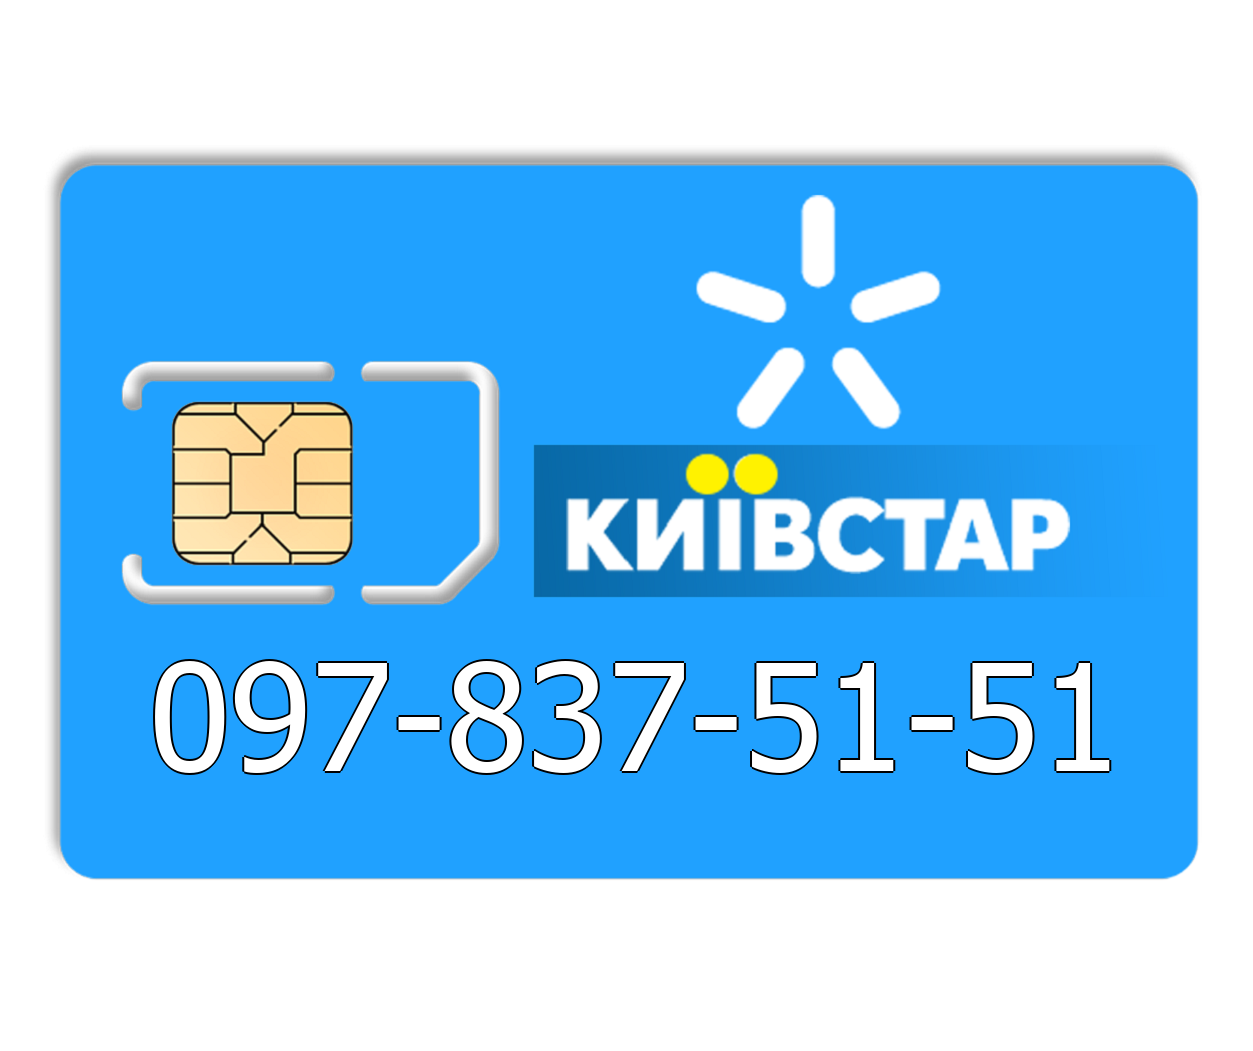 Красивый номер Киевстар 097-837-51-51